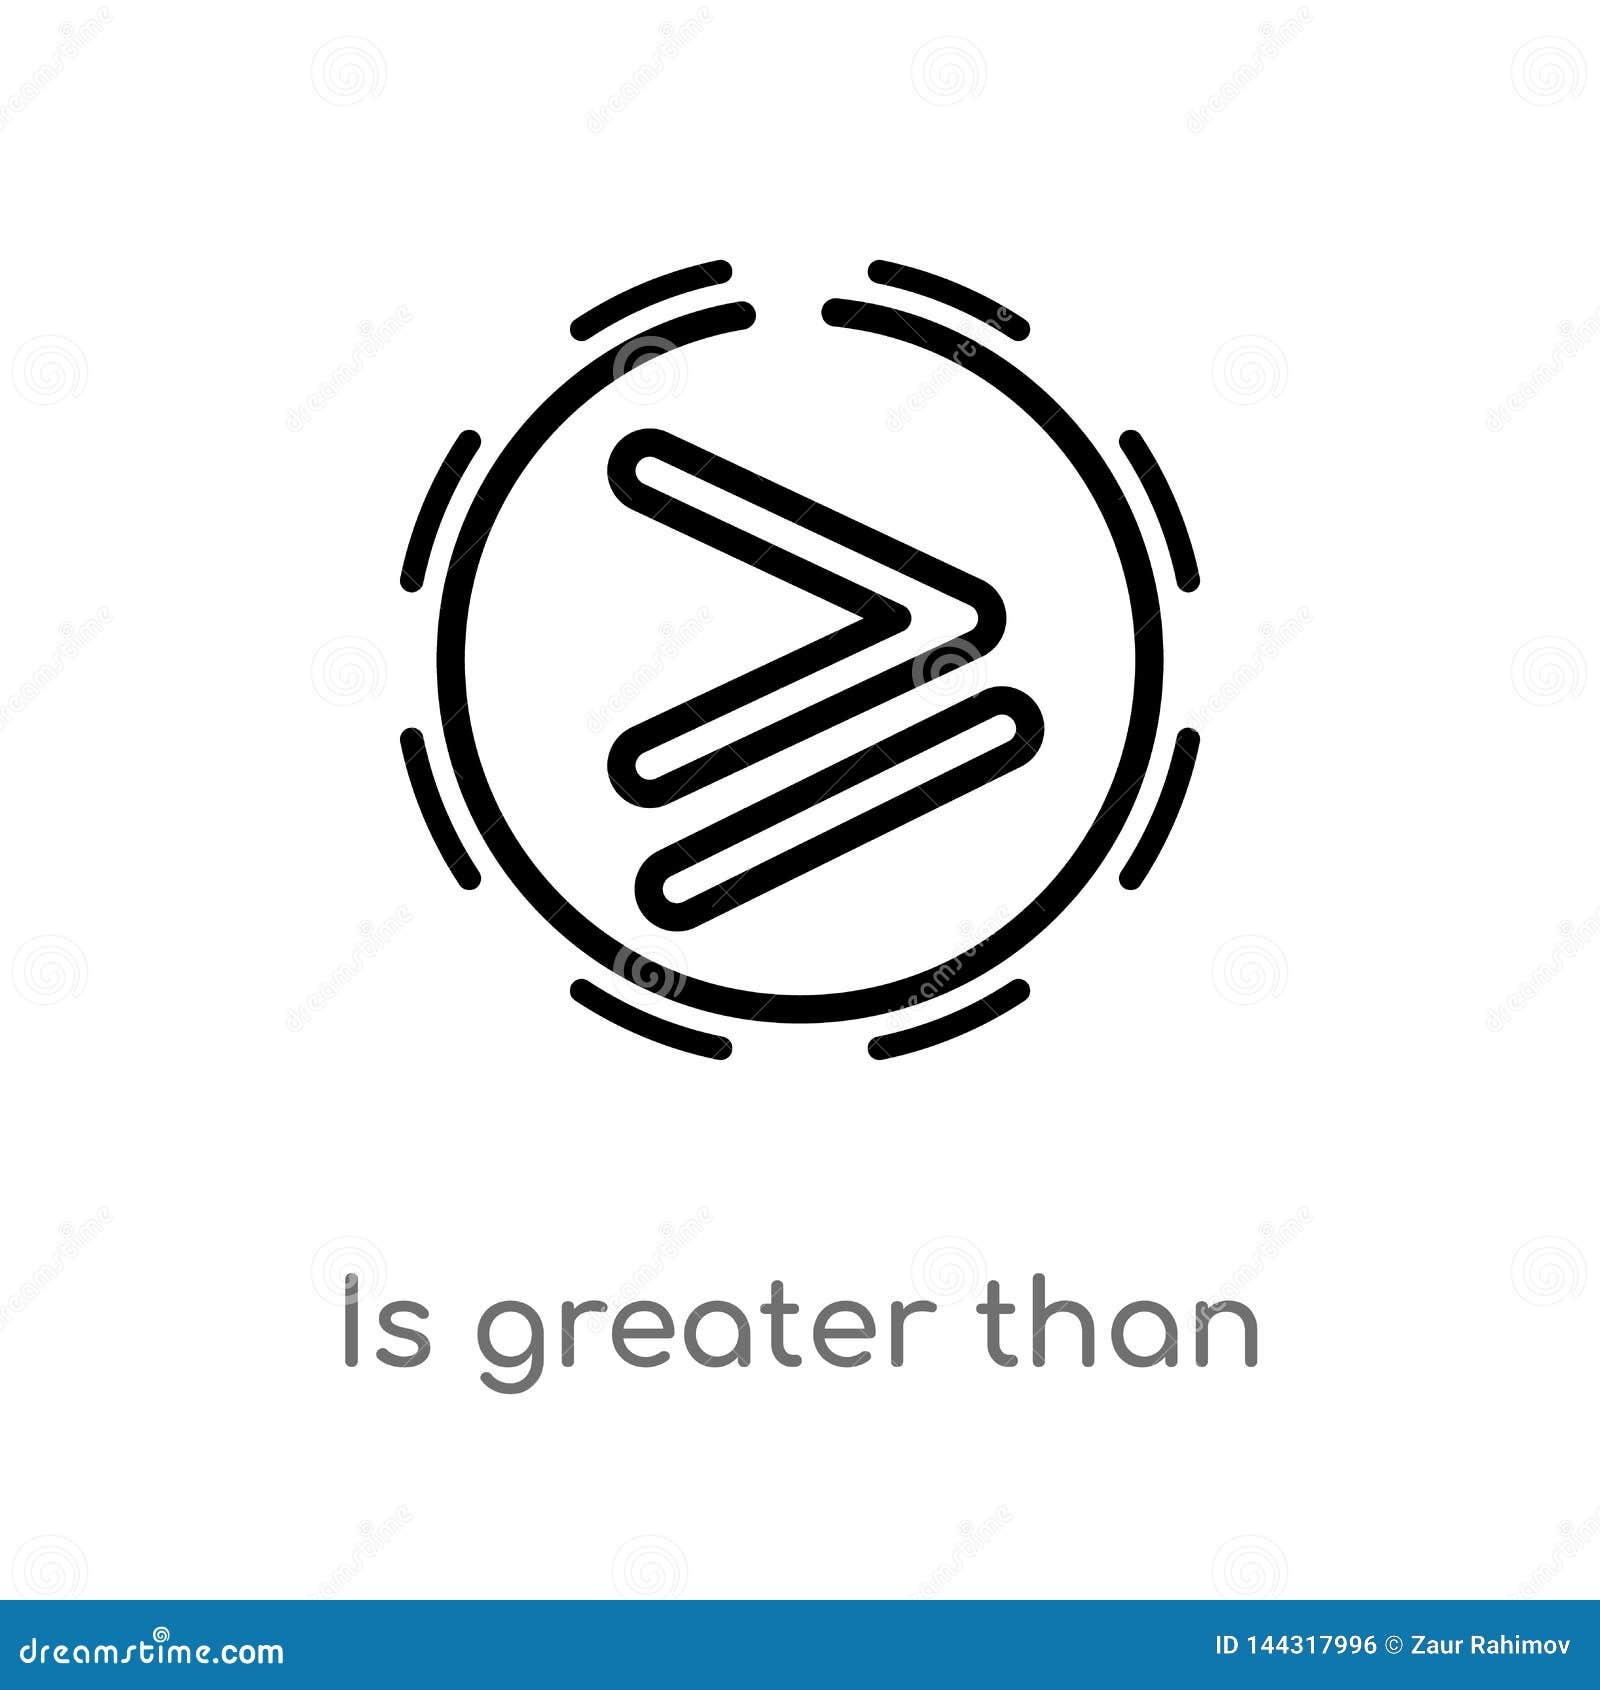 Het overzicht is groter dan vectorpictogram de ge?soleerde zwarte eenvoudige illustratie van het lijnelement van tekensconcept de